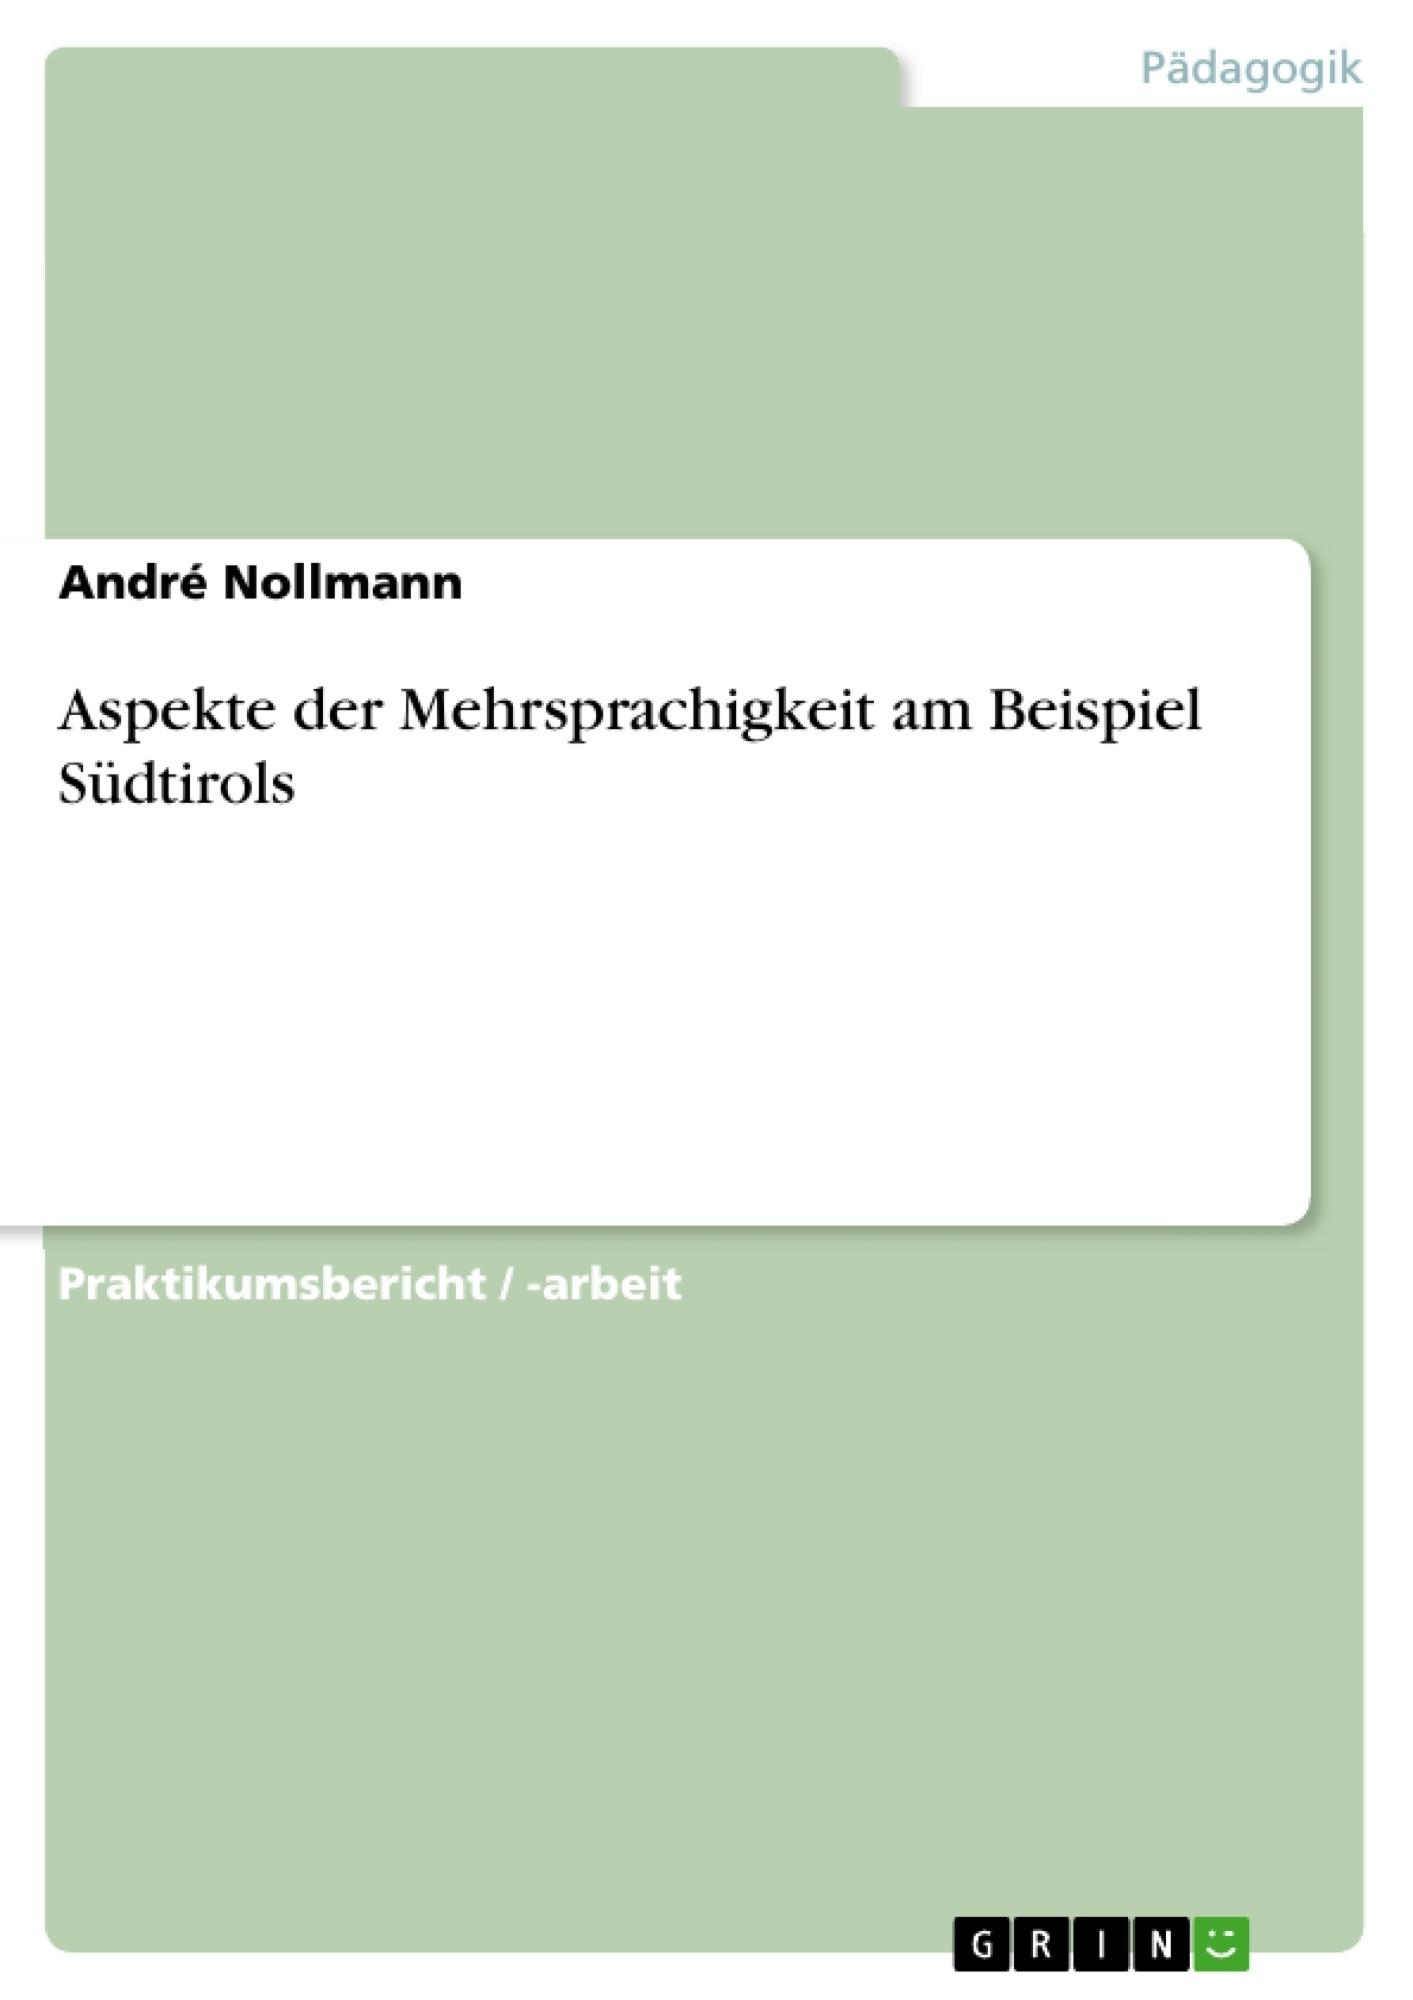 Titel: Aspekte der Mehrsprachigkeit am Beispiel Südtirols